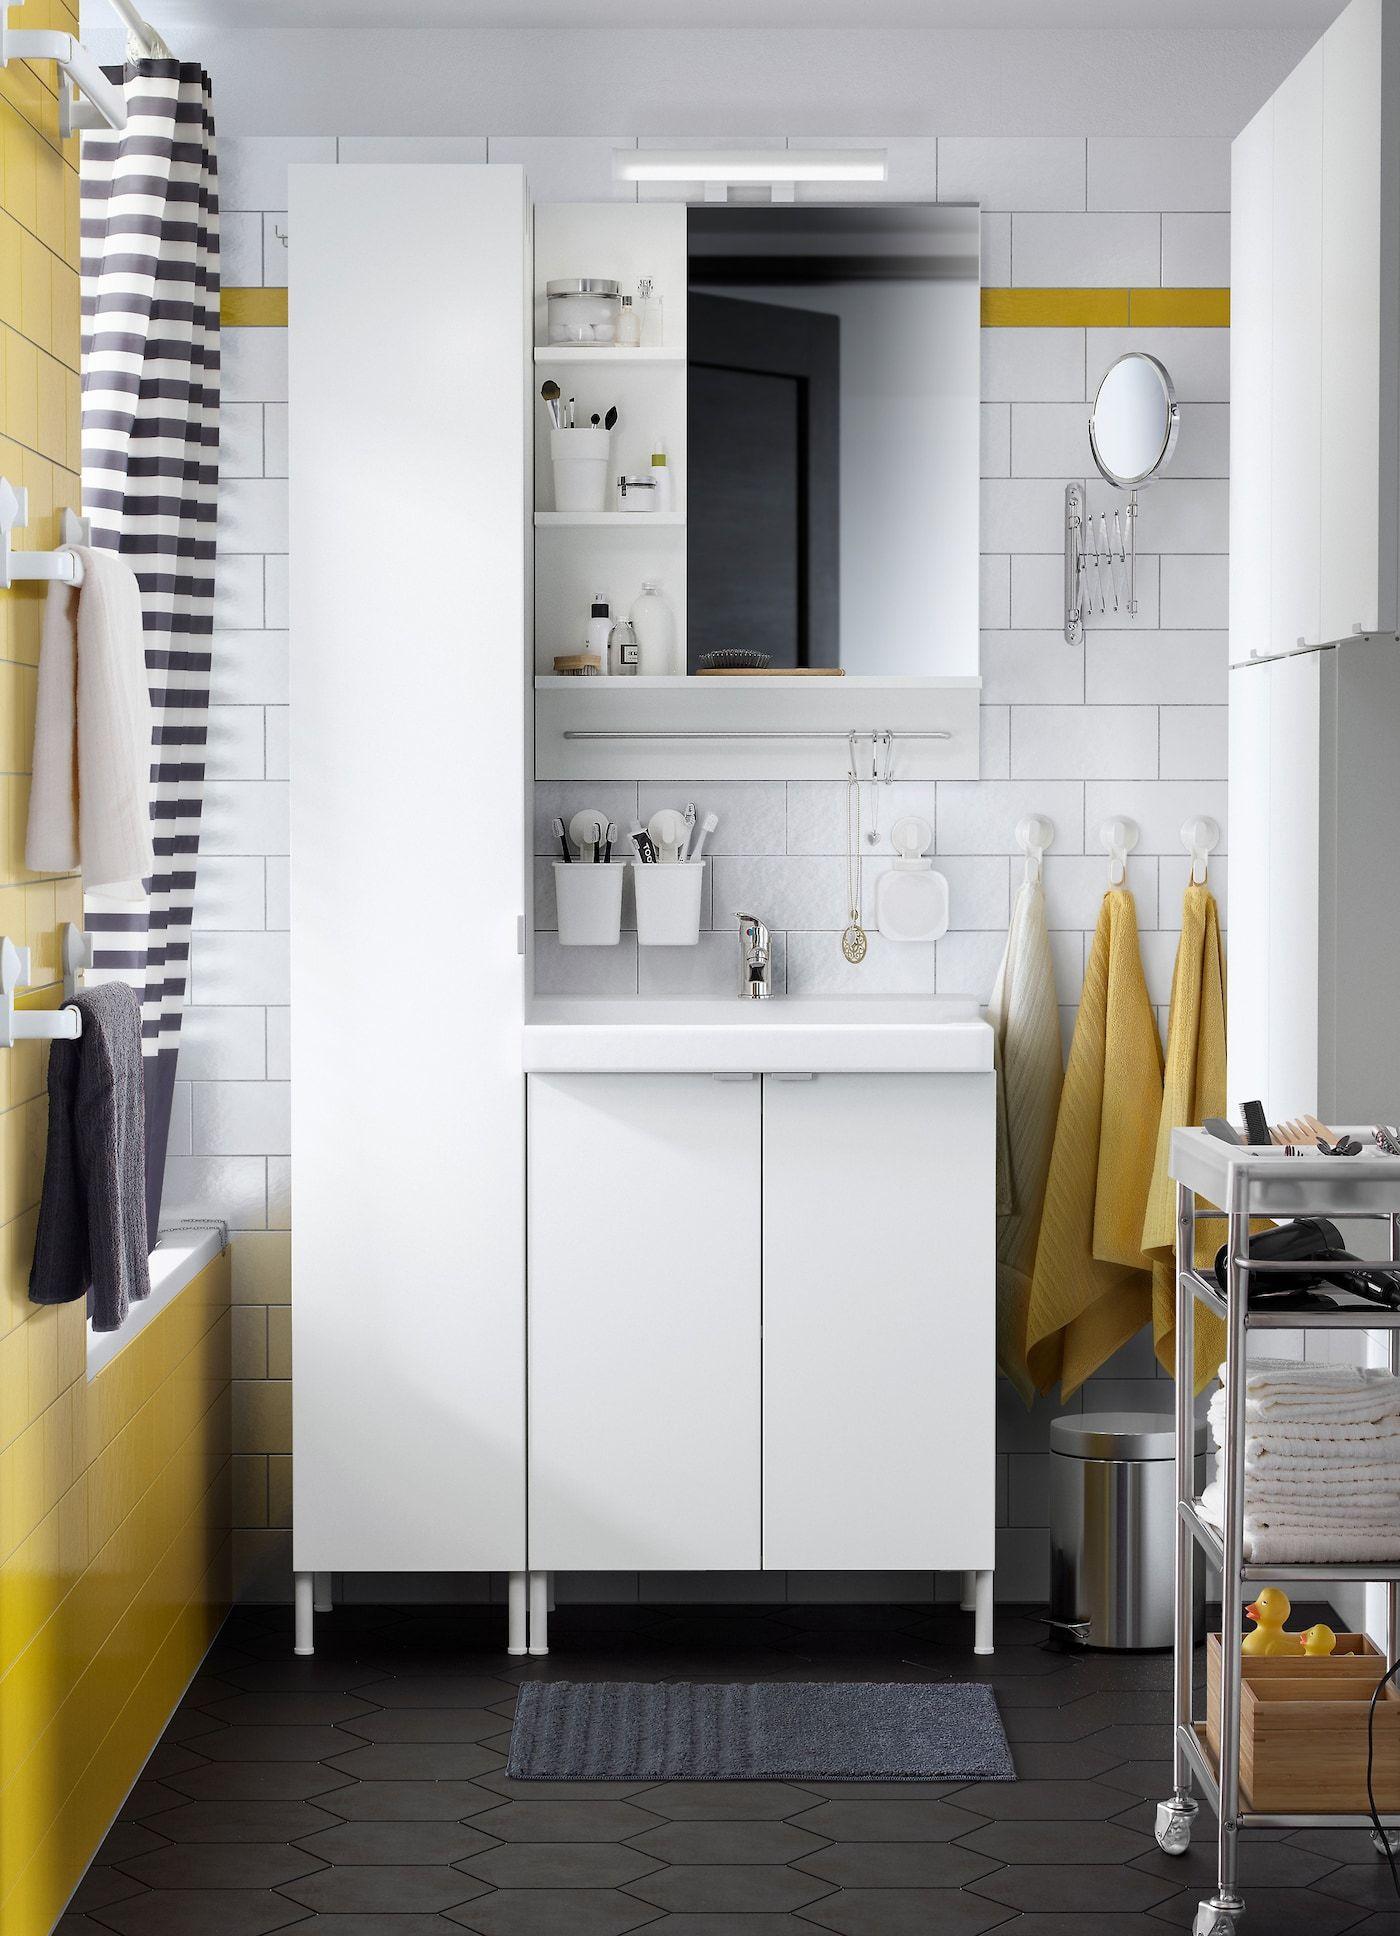 Hyva Jarjestys Tuo Tilaa Kylpyhuoneeseen Gelbe Badezimmer Kleines Badezimmer Mobel Und Badezimmer Design